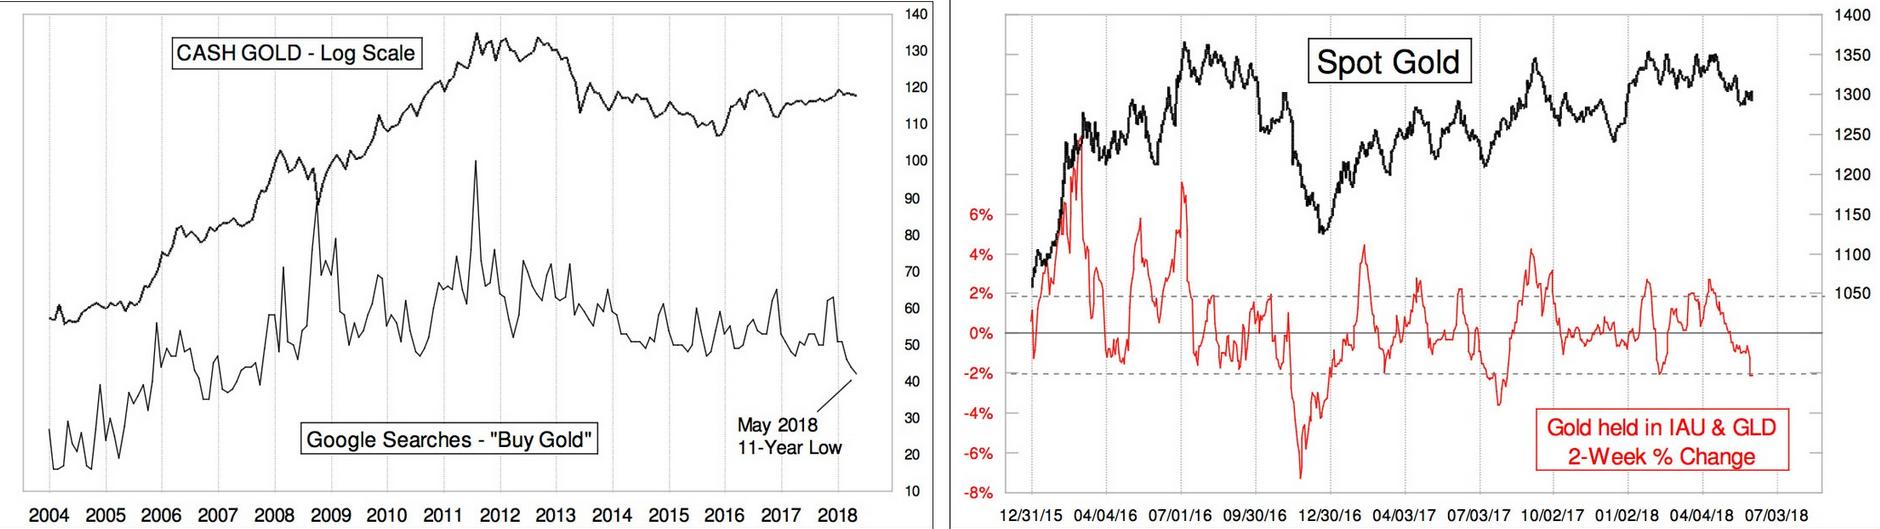 Cash Gold, Spot Gold 2004-2018